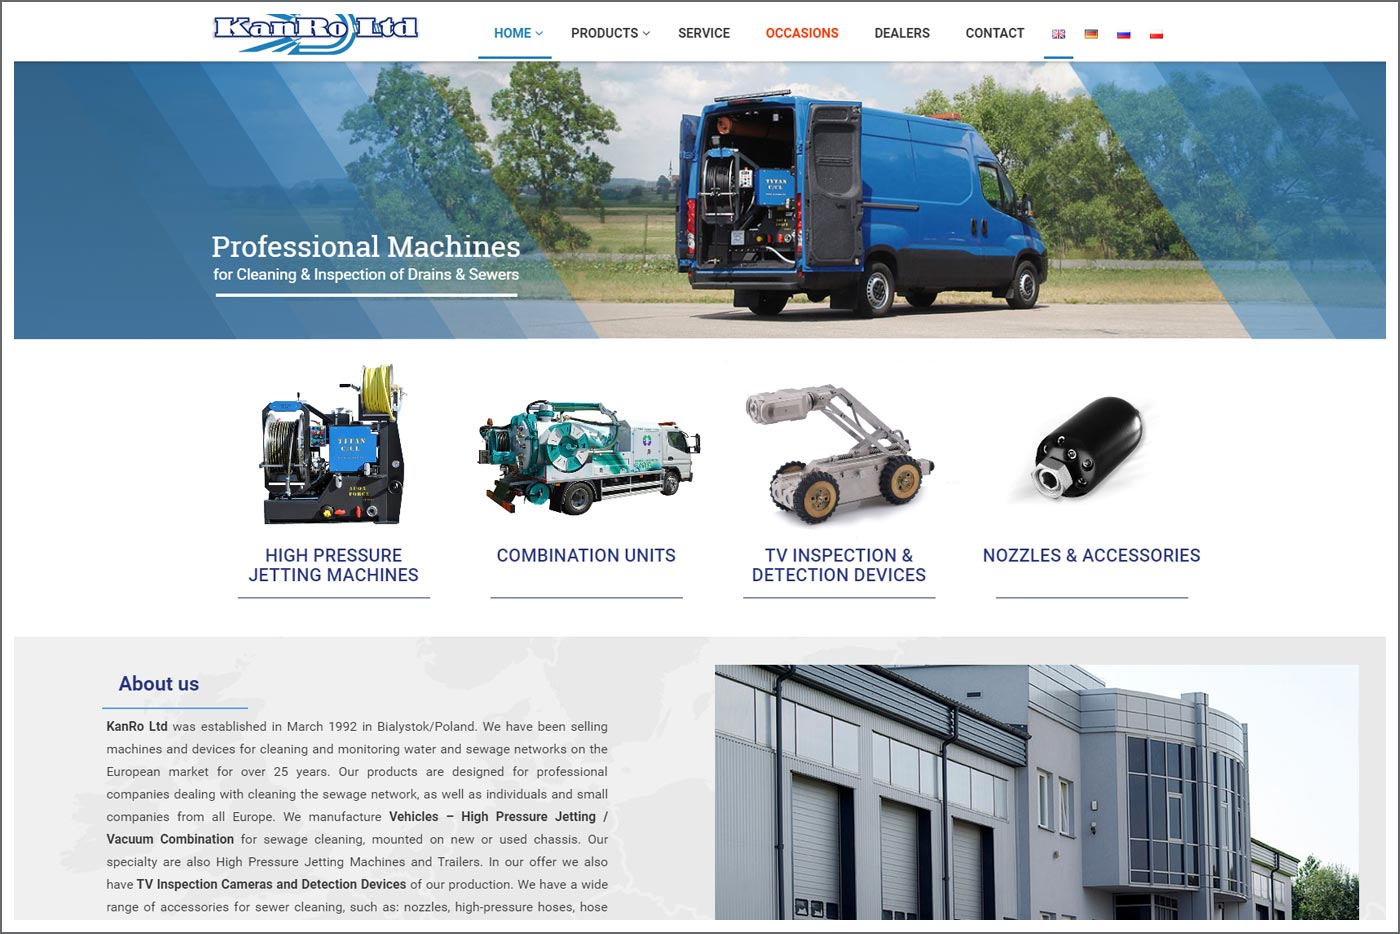 www.evion.pl-agencja-reklamowa-agencja-marketingowa-agencja-interaktywna-Białystok-tworzenie-stron-www-projektowanie-stron-internetowych-tworzenie-sklepów-internetowych budowanie (10)